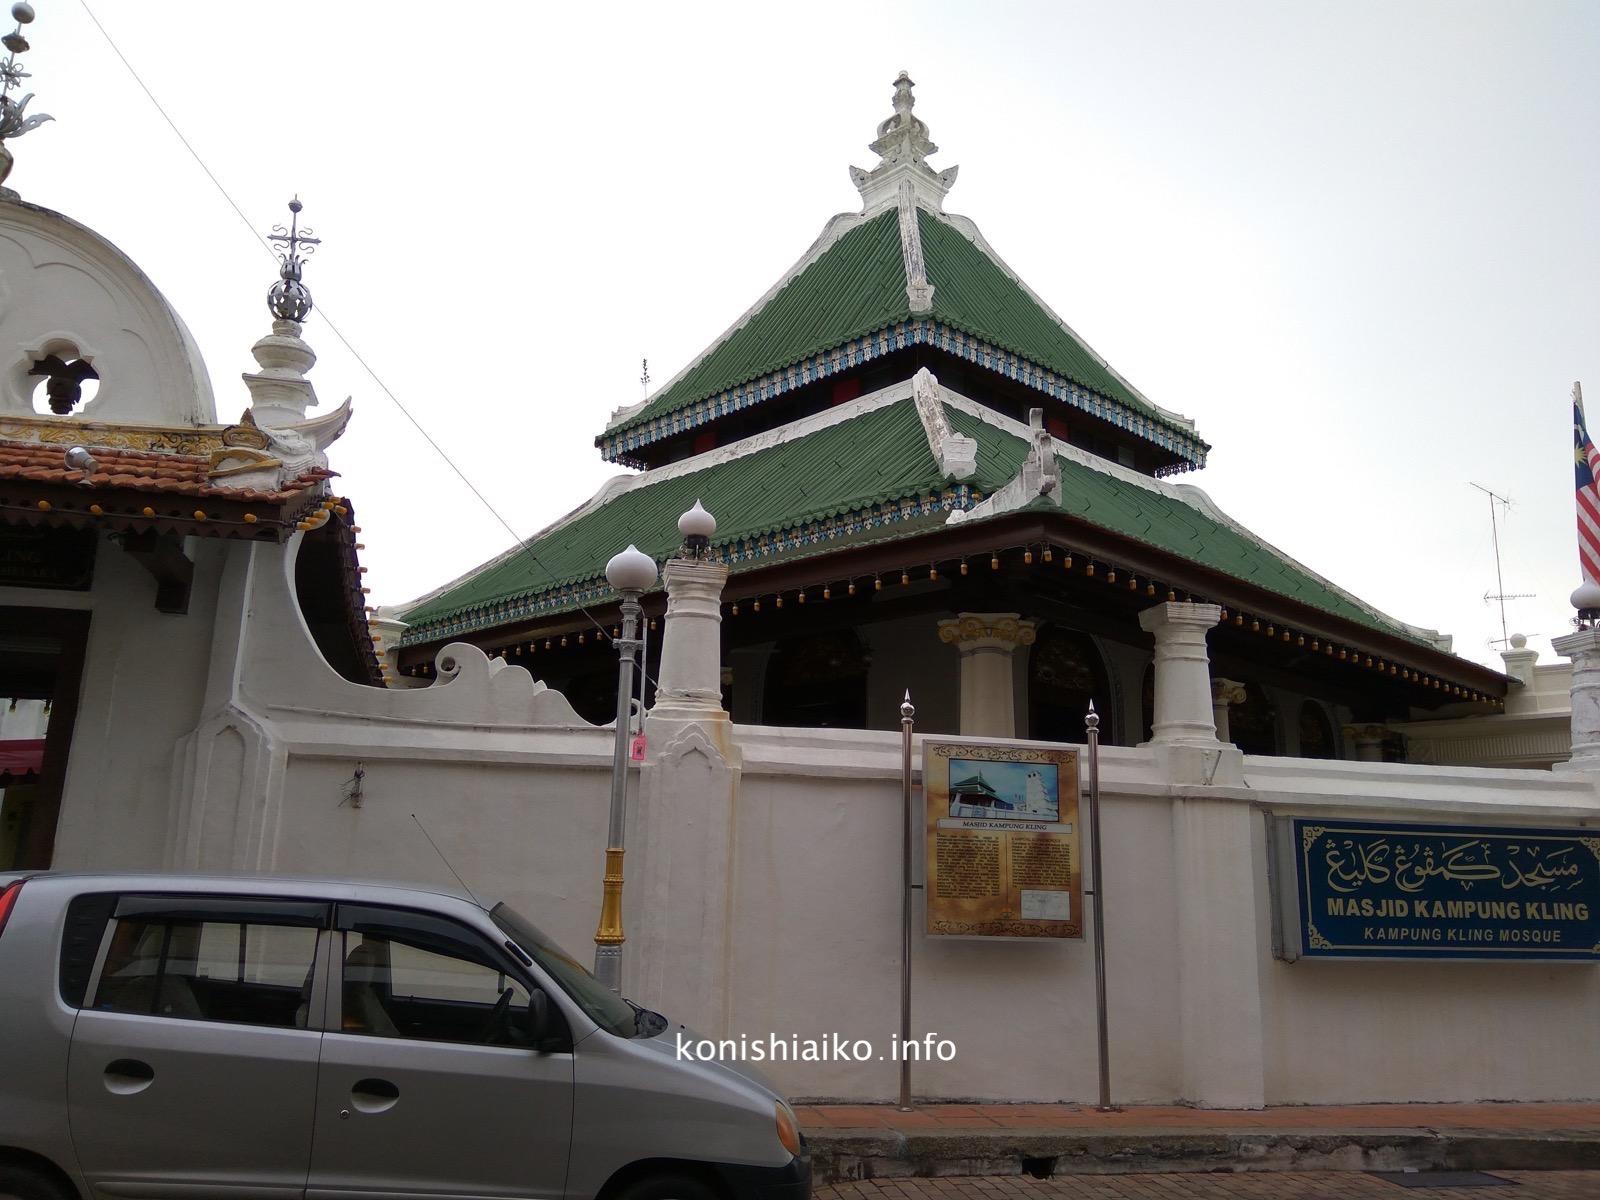 ジョンカー通りの北を平行に走るJalan Tukang Emasのモスク前にあります